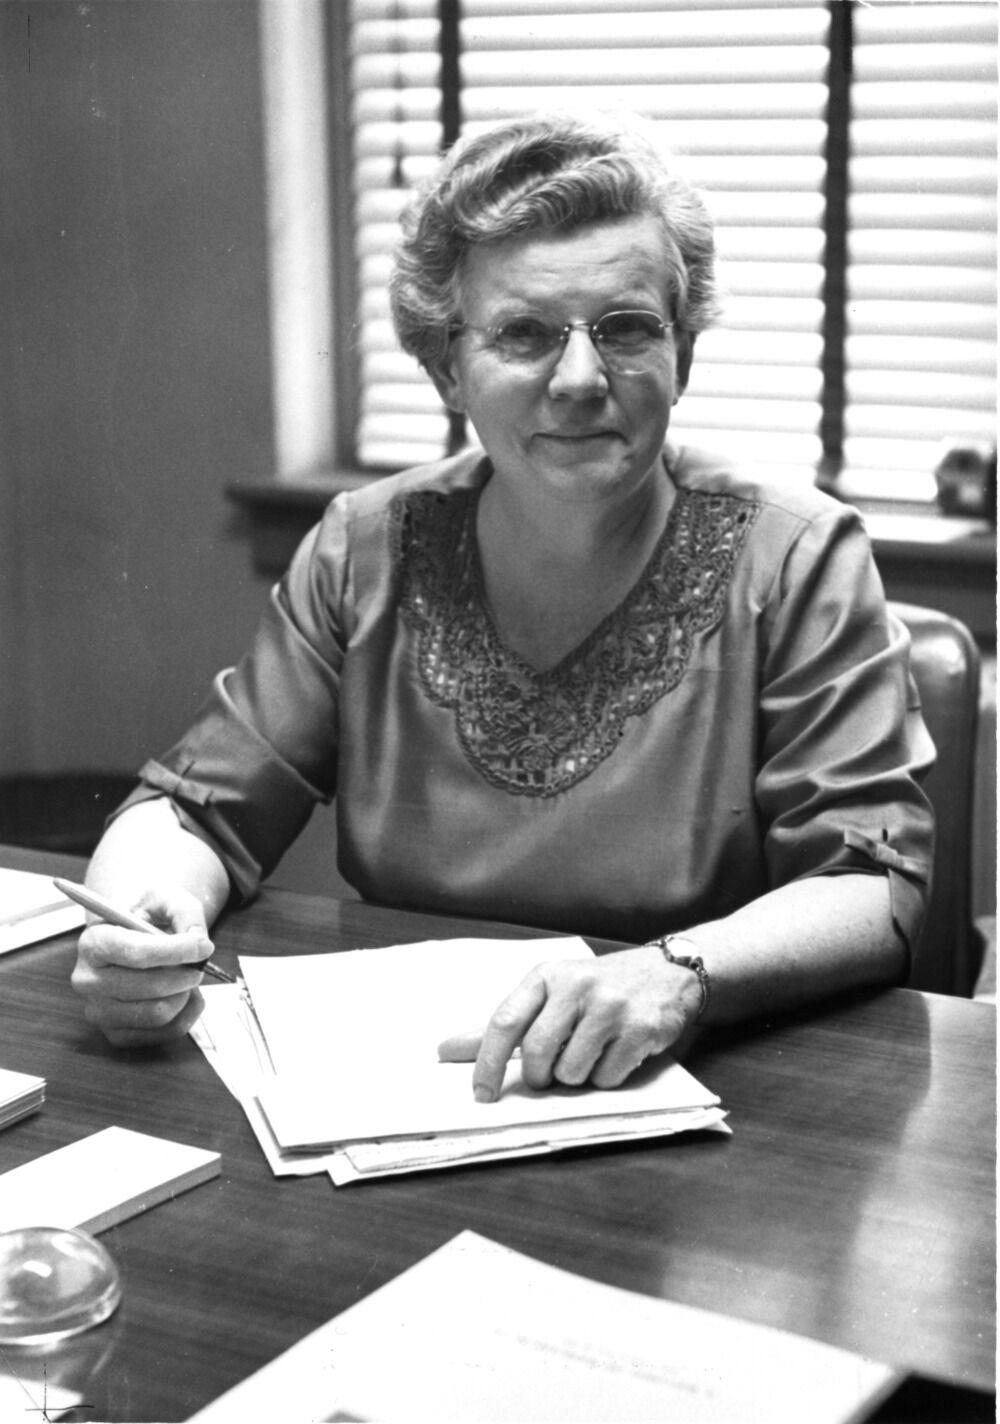 Gertrude Cox at Desk